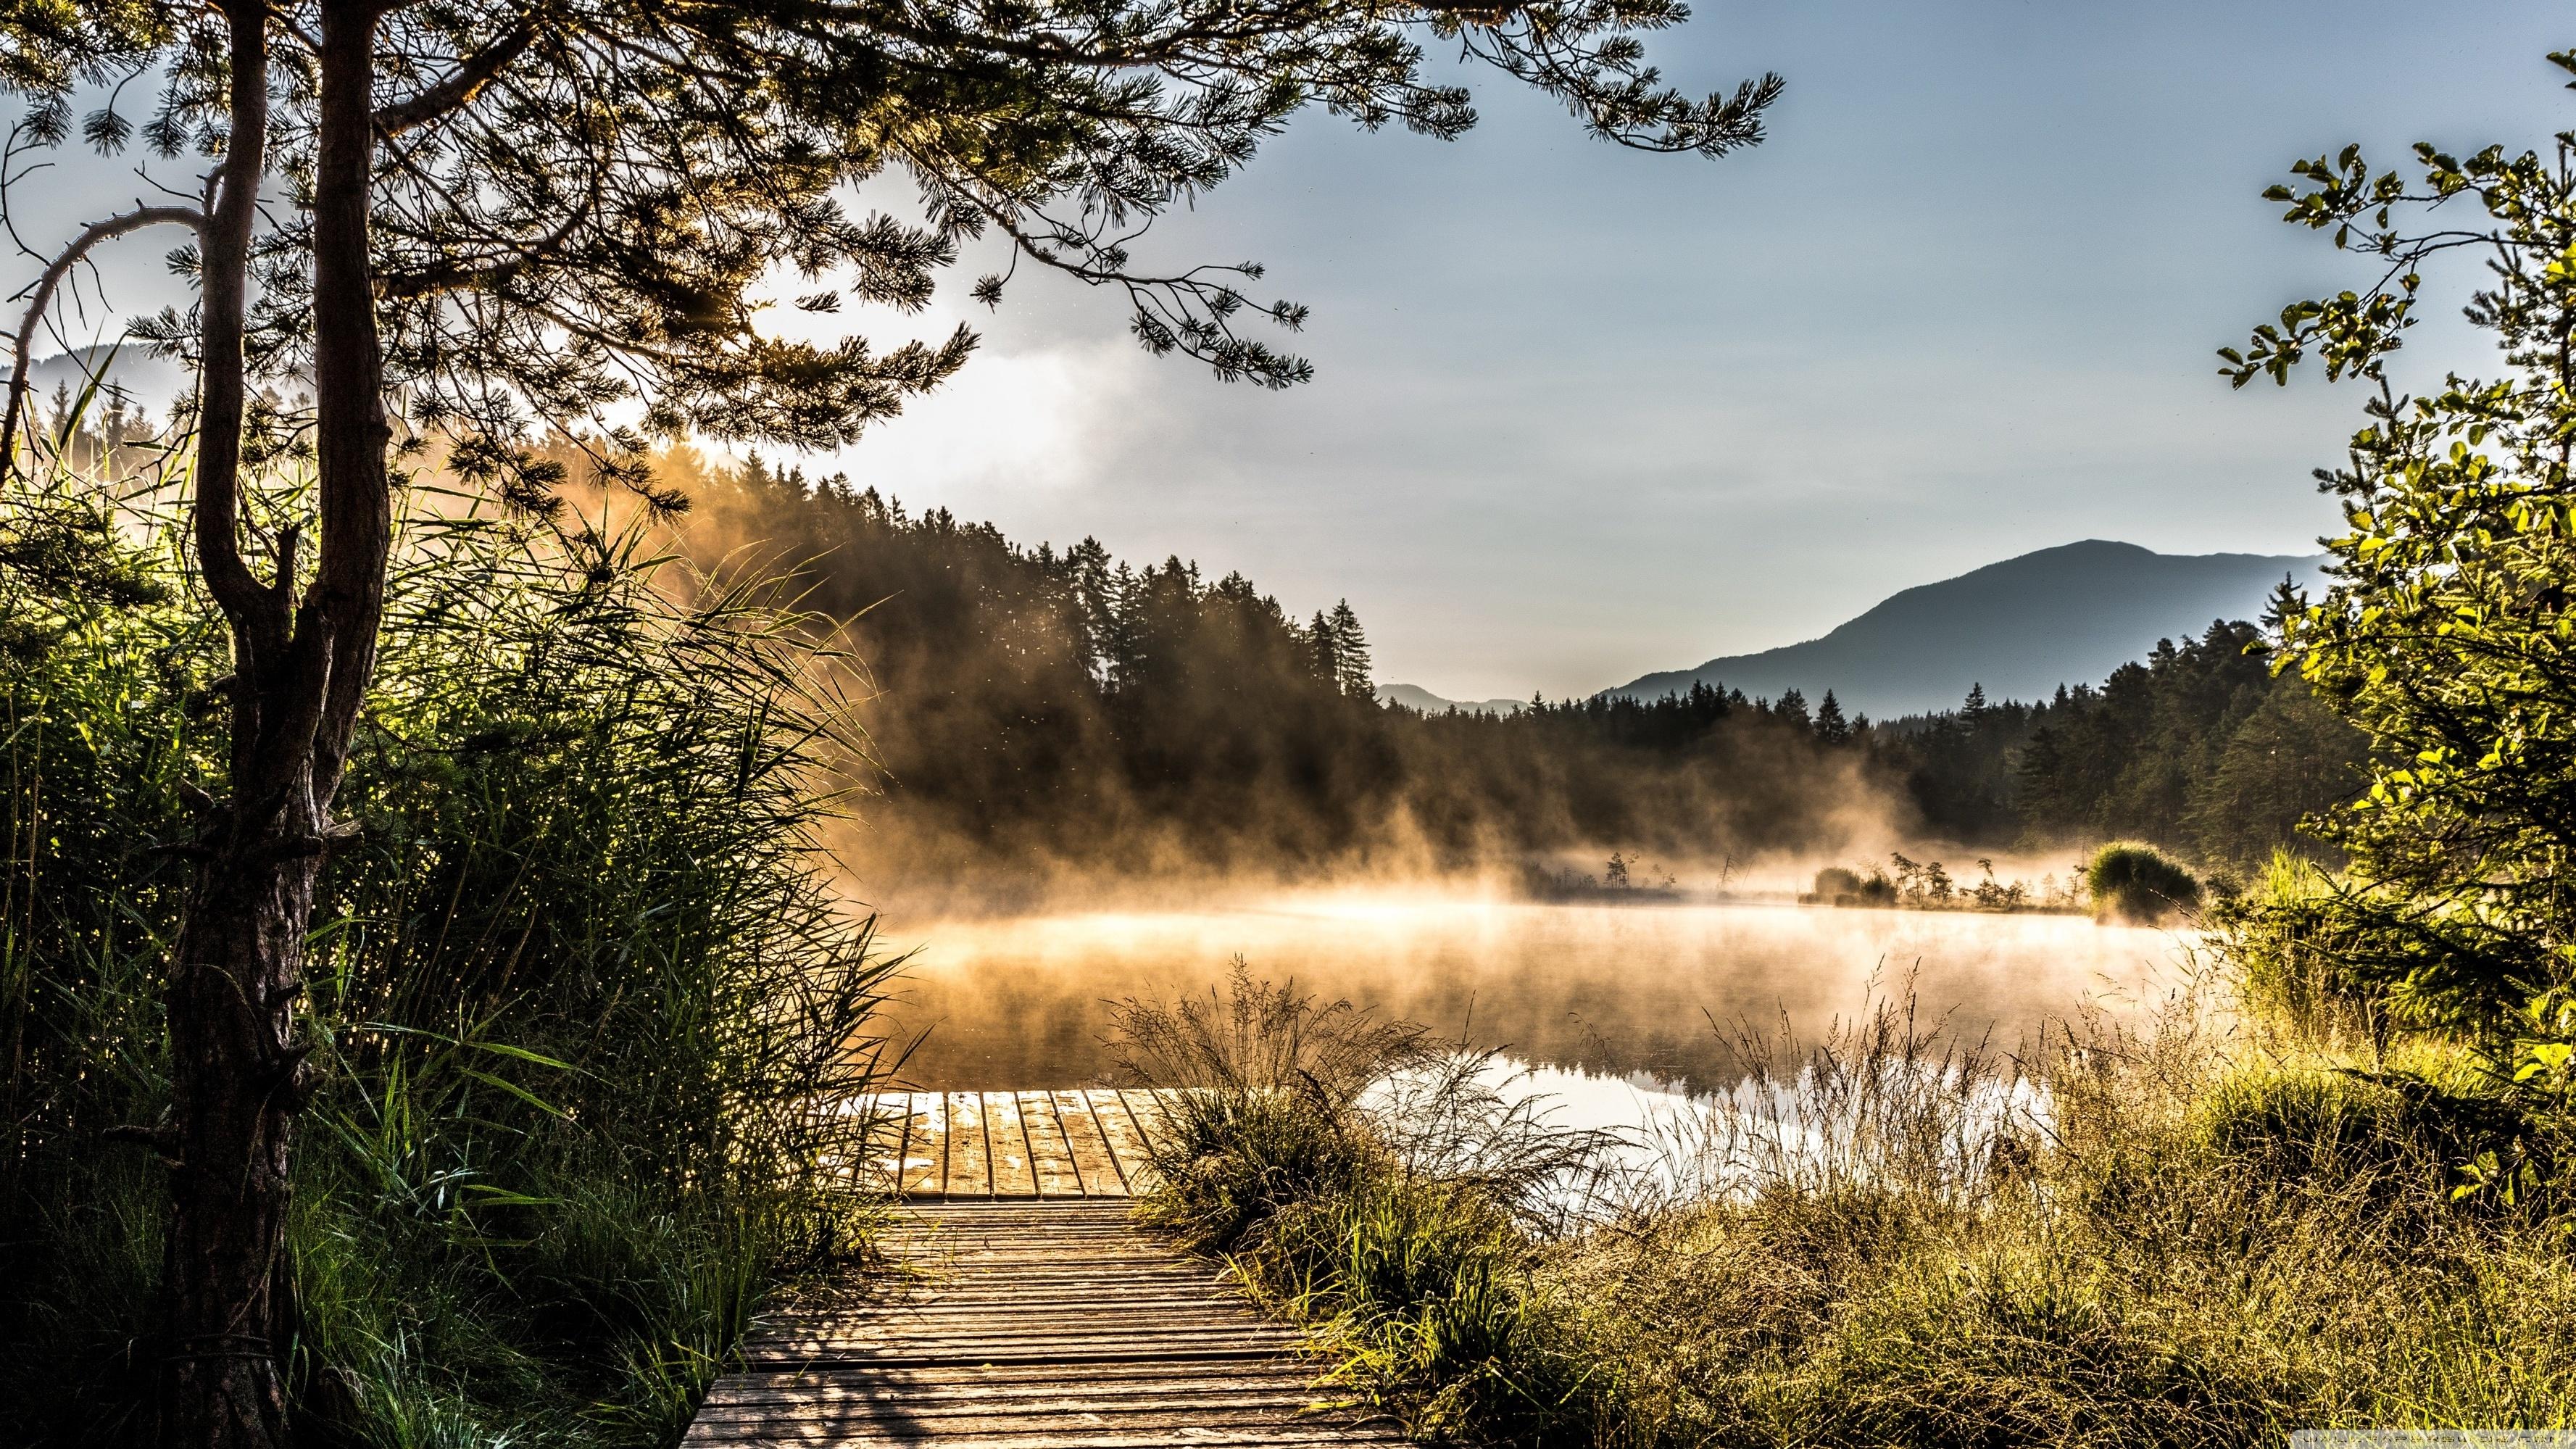 Egelsee Lake in Carinthia (3554x1999)